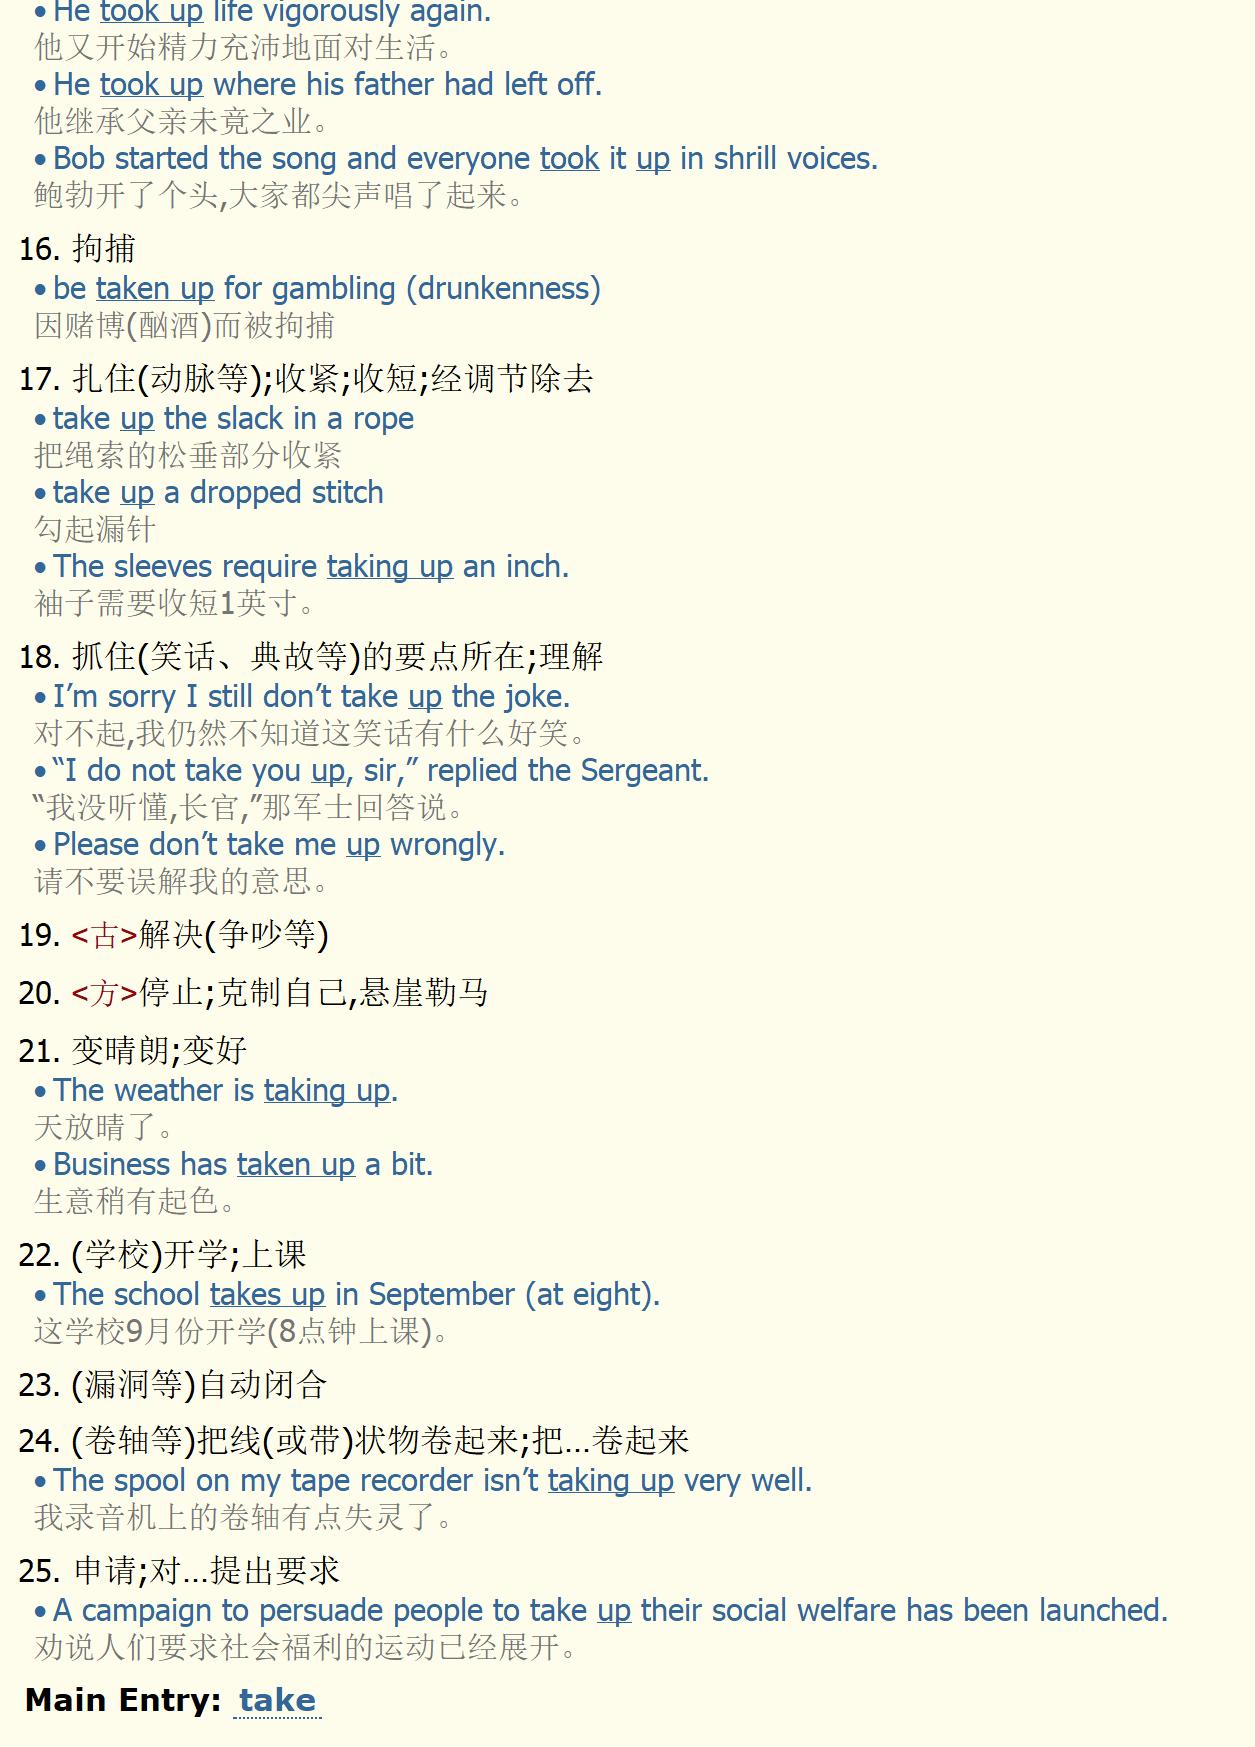 英汉大词典(第2版) 提取词组版